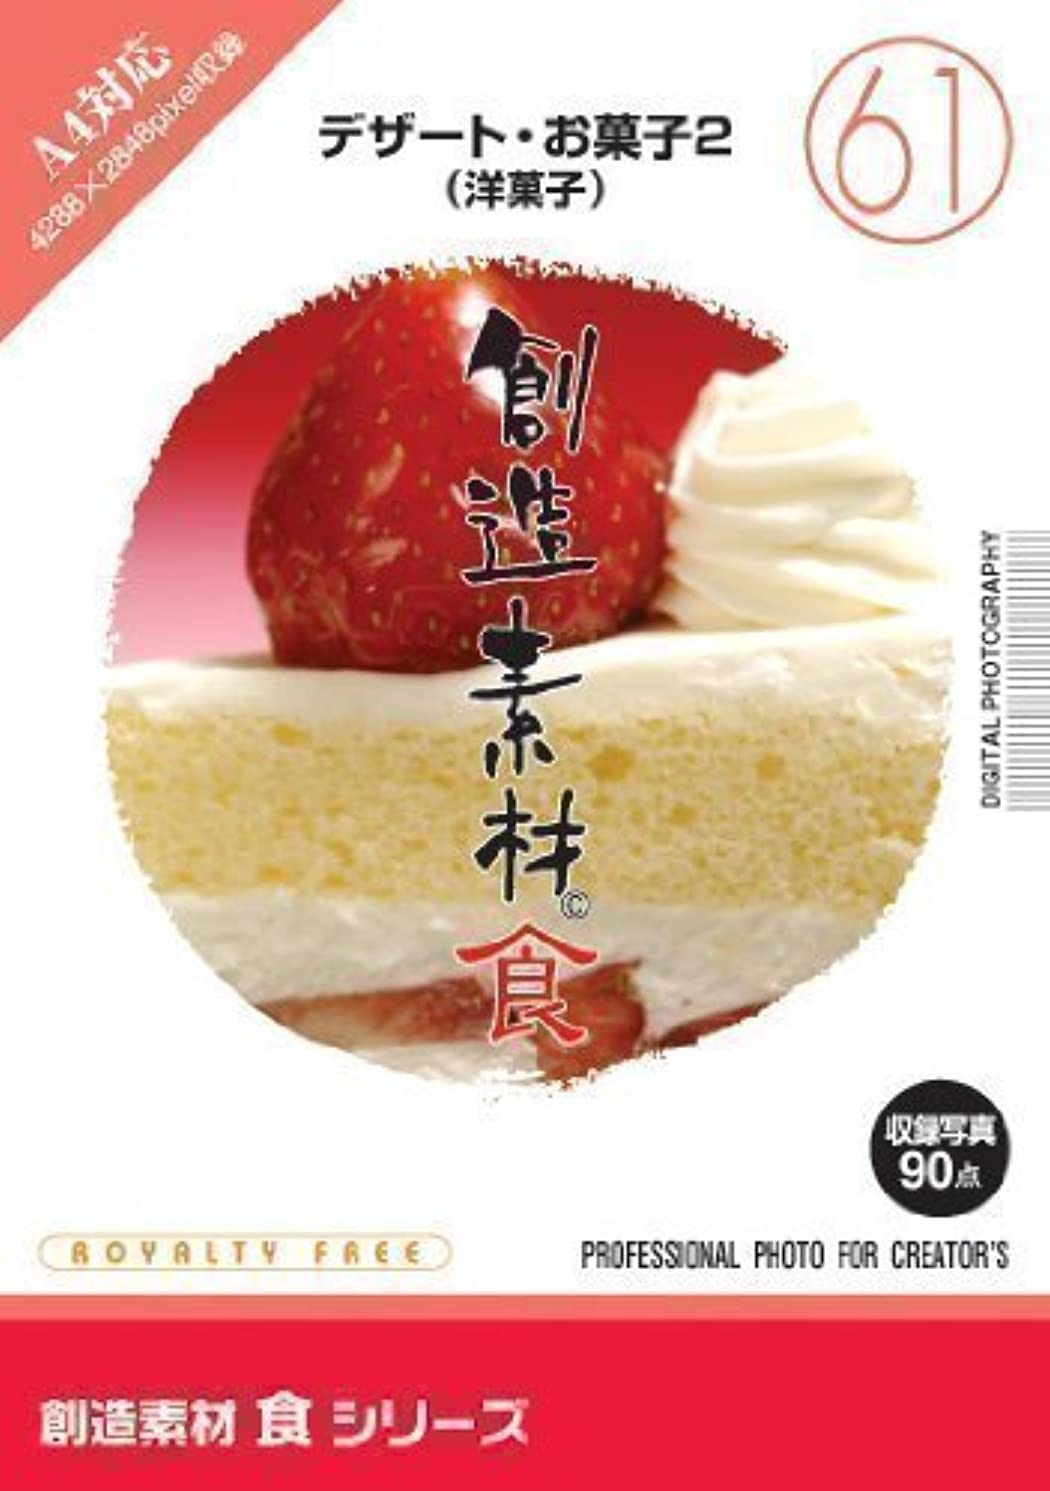 ロッカー検証住人創造素材 食(61) デザート?お菓子2(洋菓子)